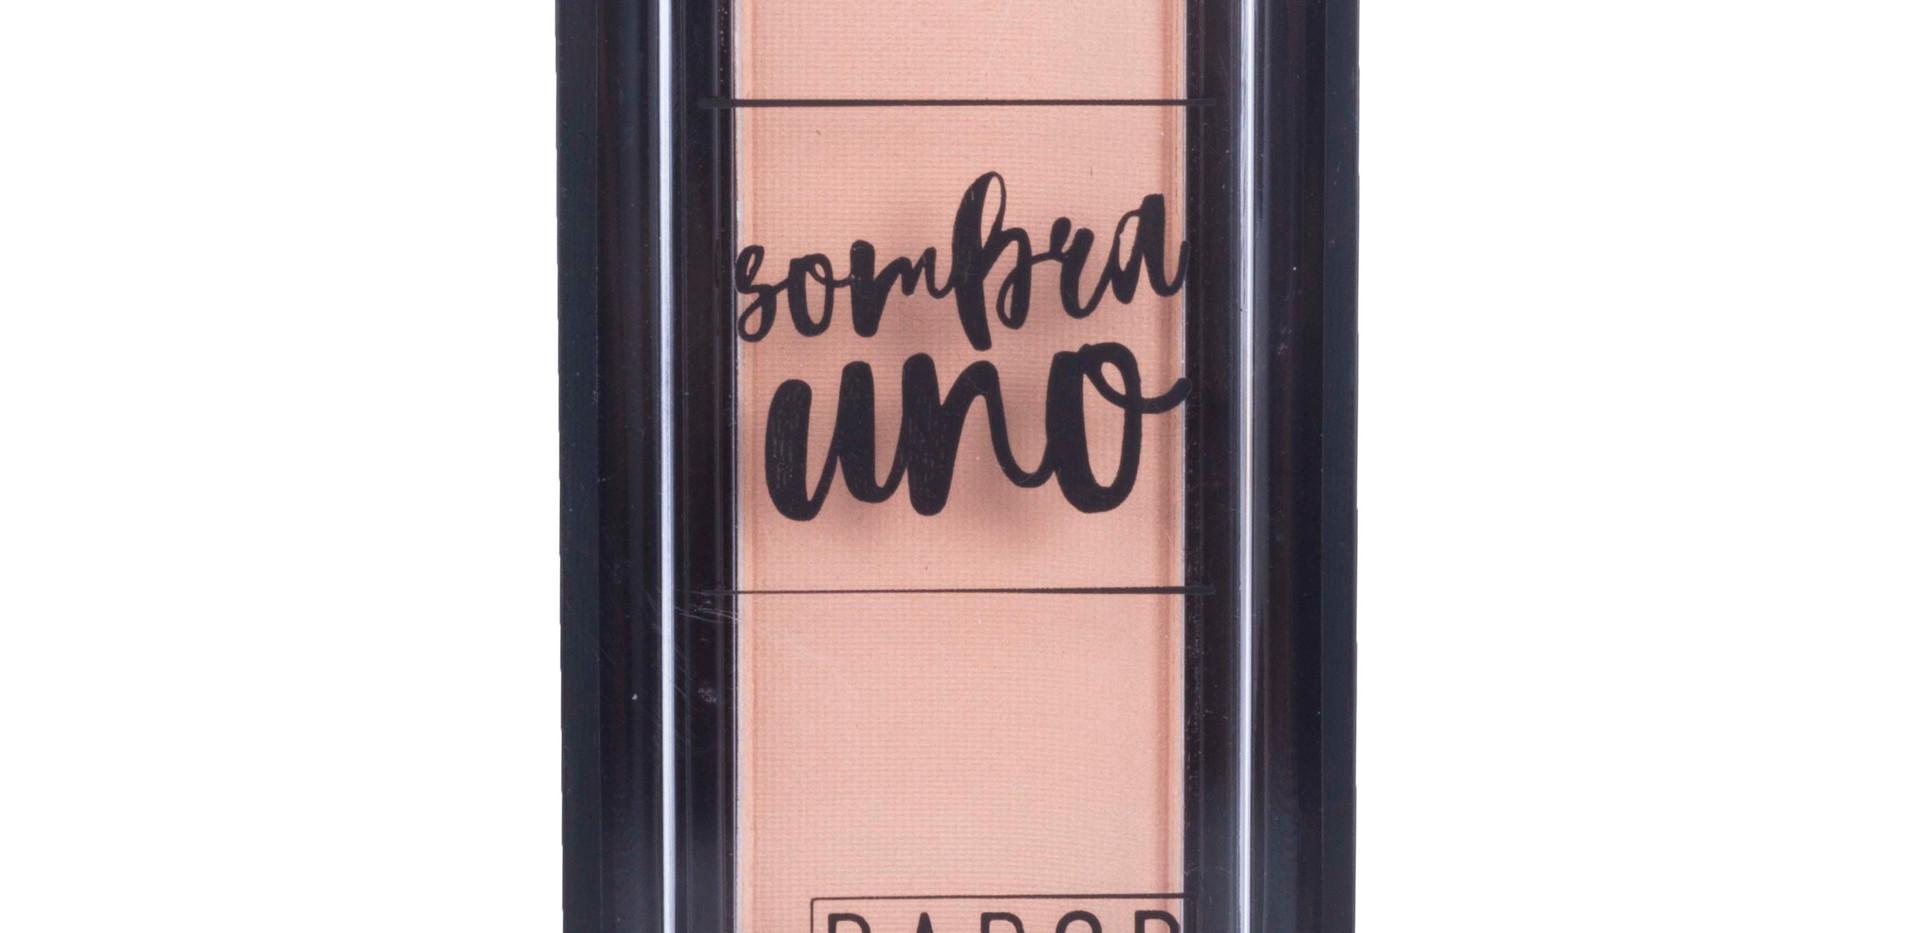 Sombra Uno Dapop - HB96735